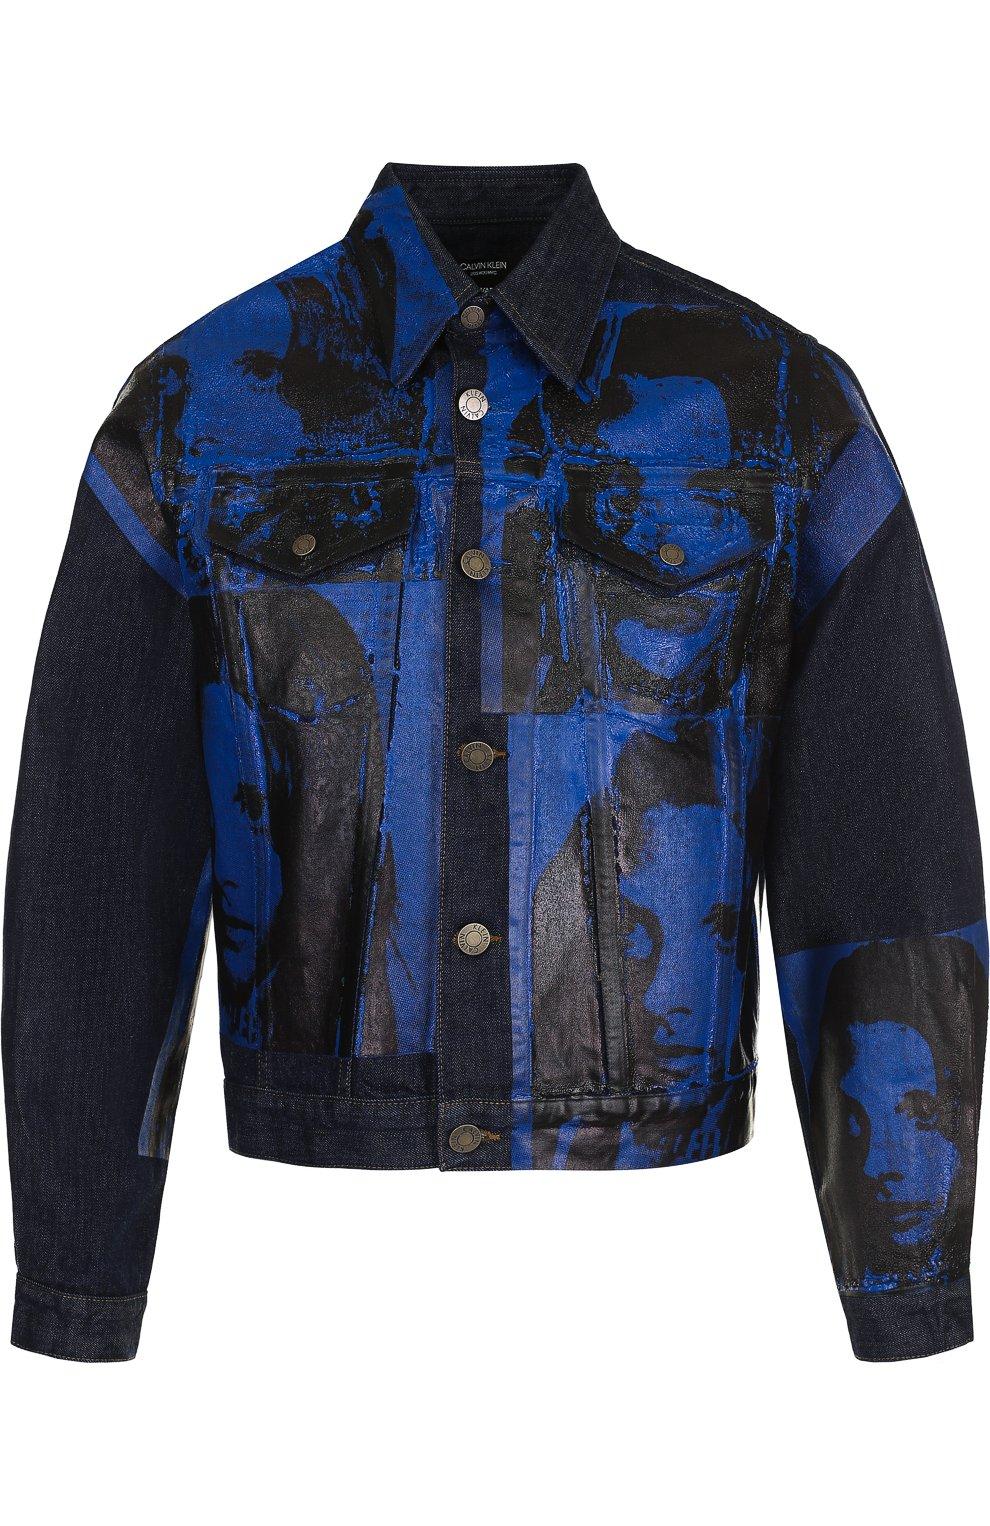 270405321c3 Мужские куртки CALVIN KLEIN 205W39NYC по цене от 49 950 руб. купить в  интернет-магазине ЦУМ